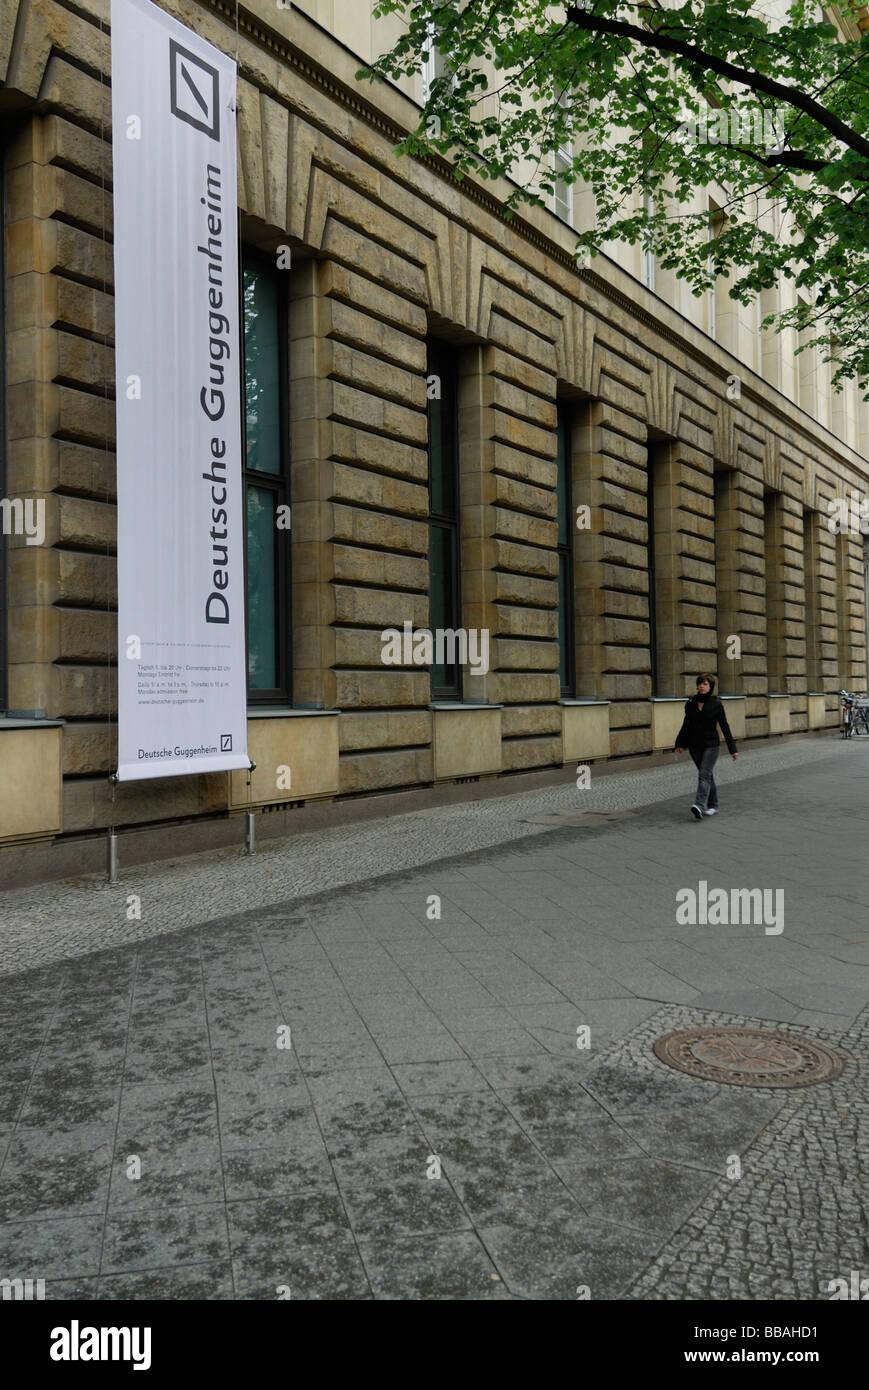 Berlin Deutschland Deutsche Guggenheim Gebäude Unter Den Linden Stockbild